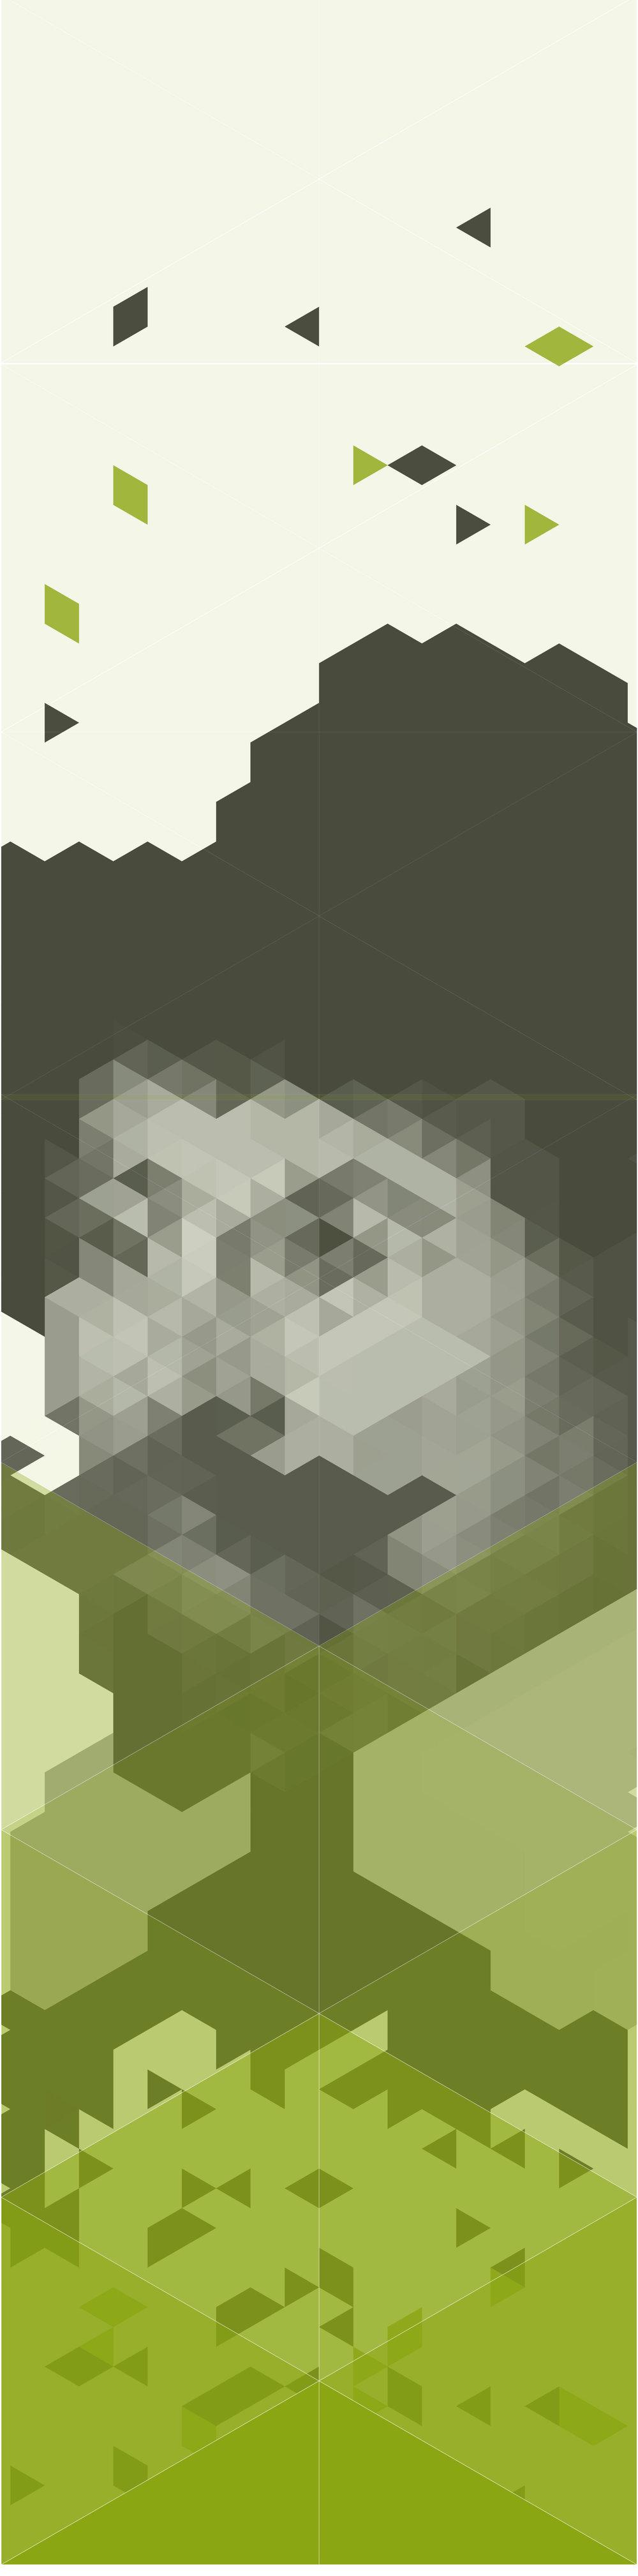 grafisch-ontwerp-Nicolaestulp-hva-studiobuijs